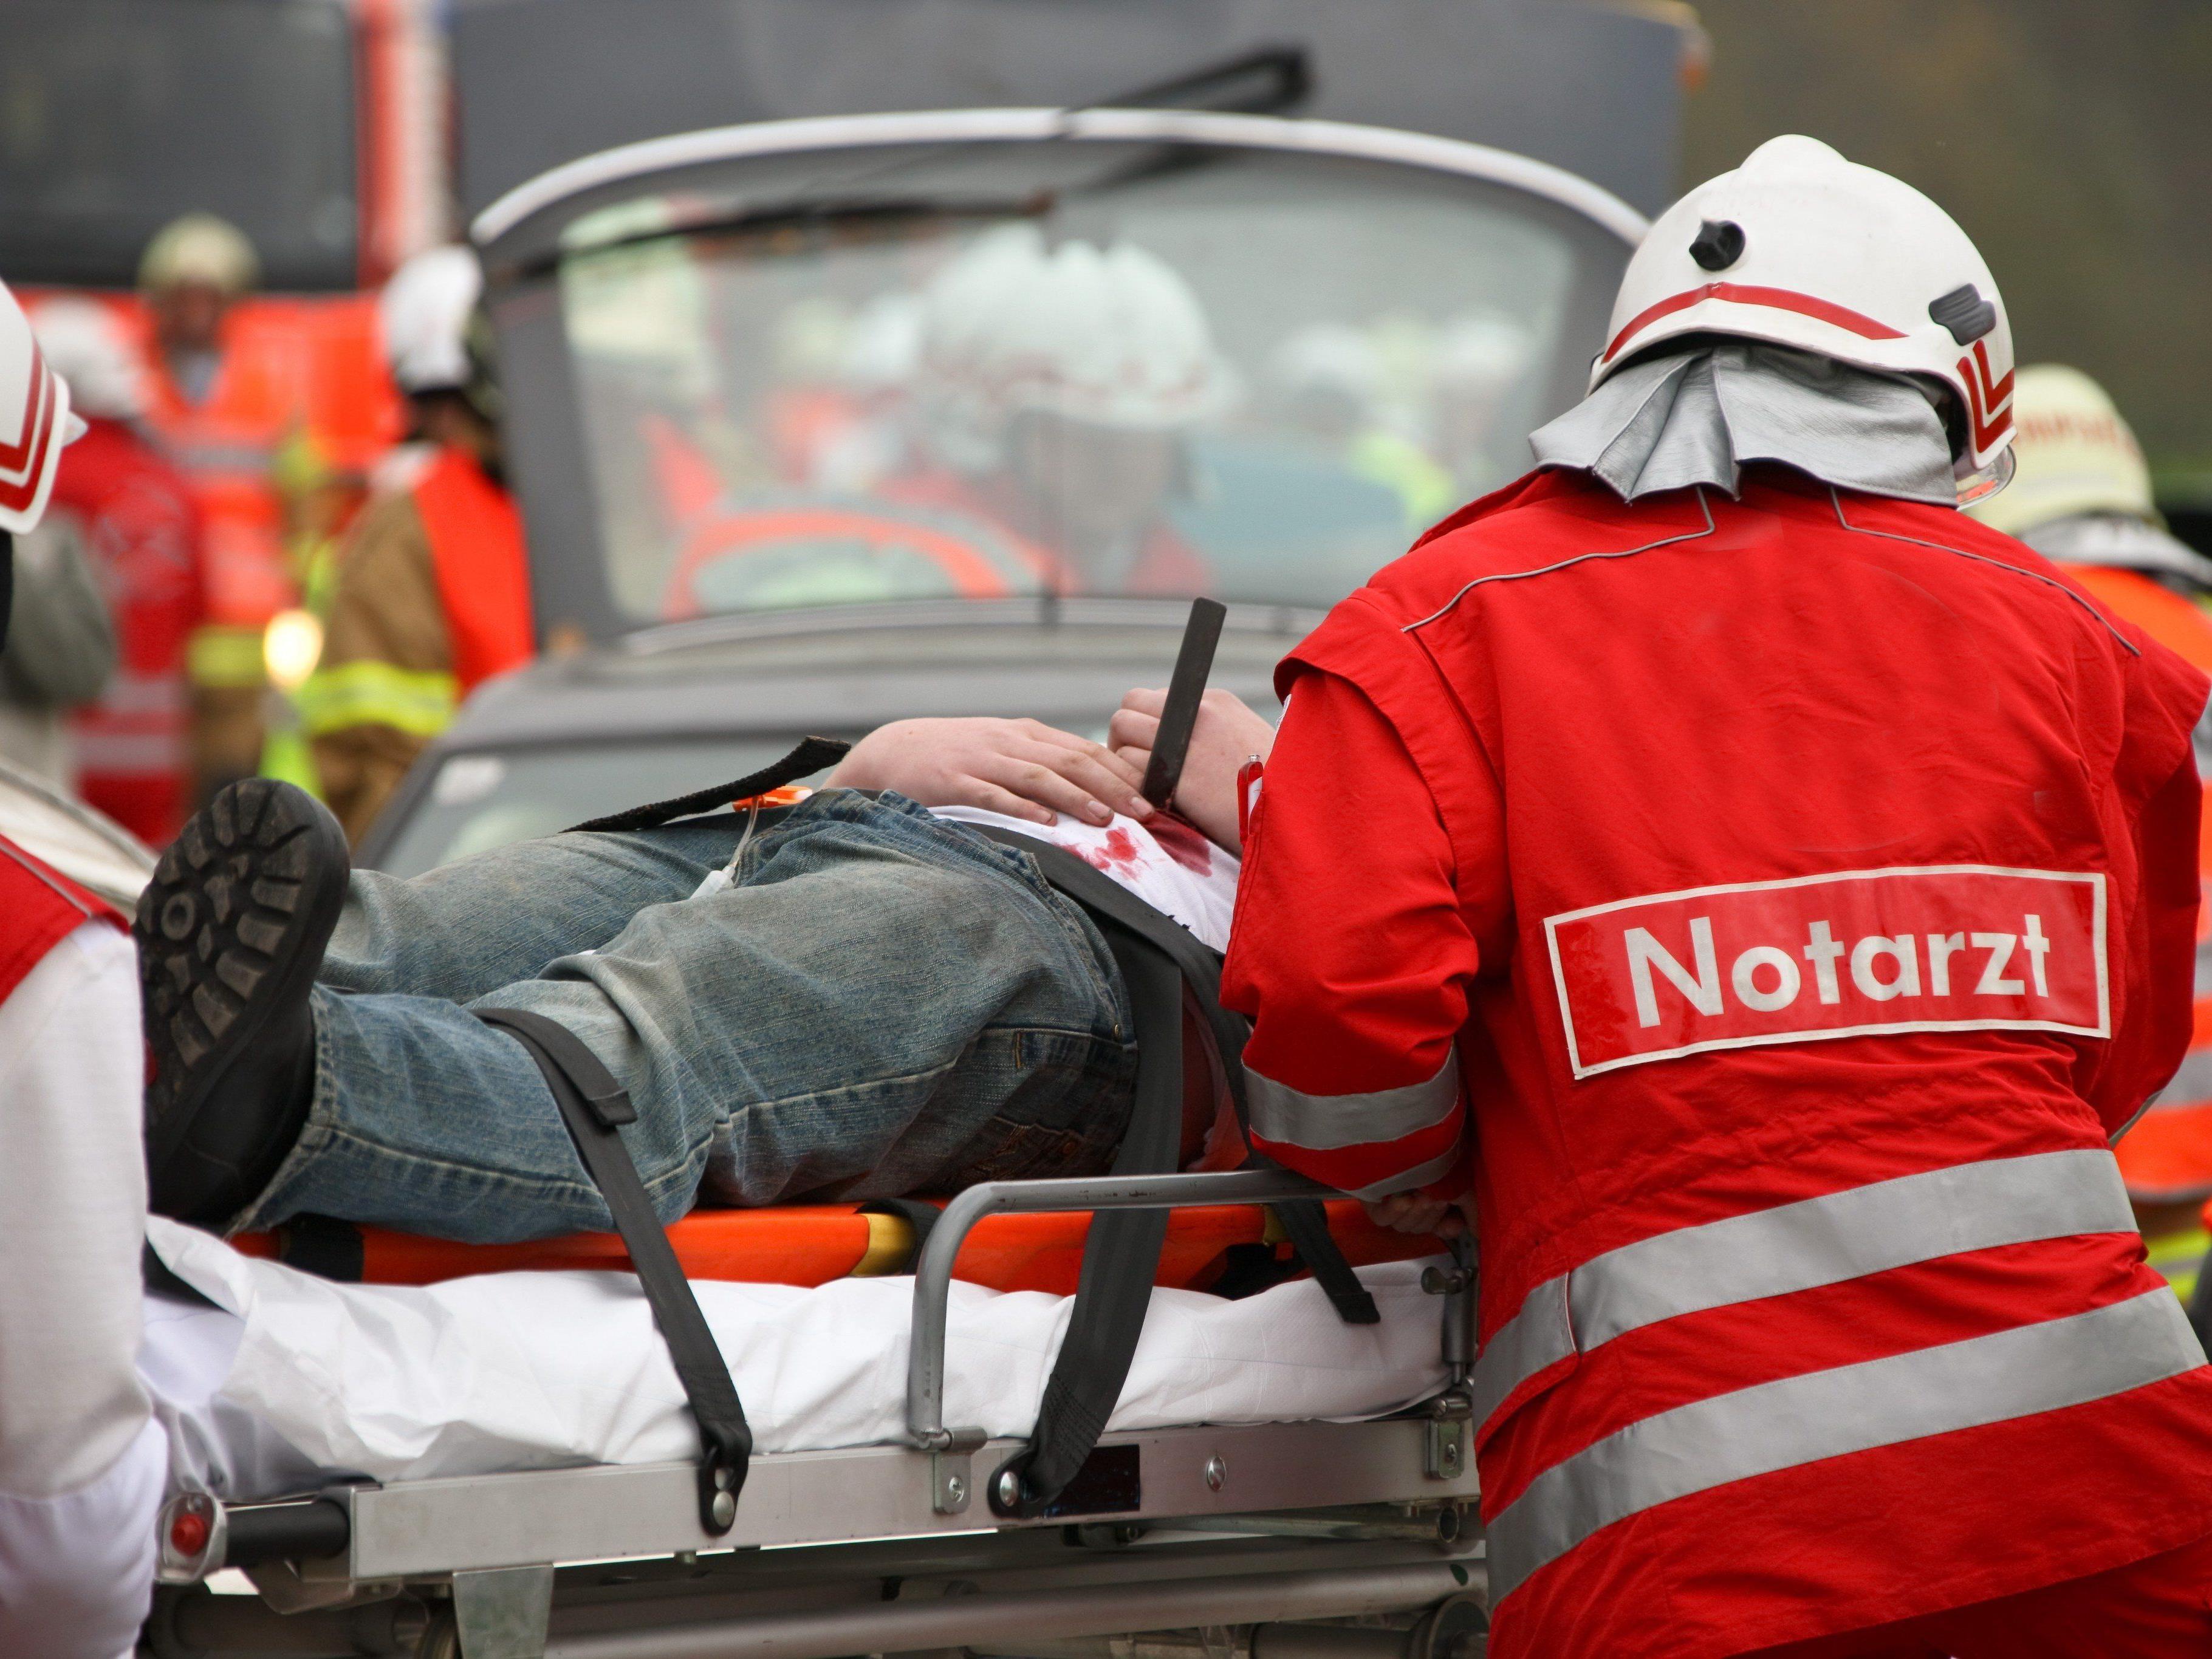 Schwerer Unfall im bezirk Bruch a.d. Leitha: Frau schwer verletzt.